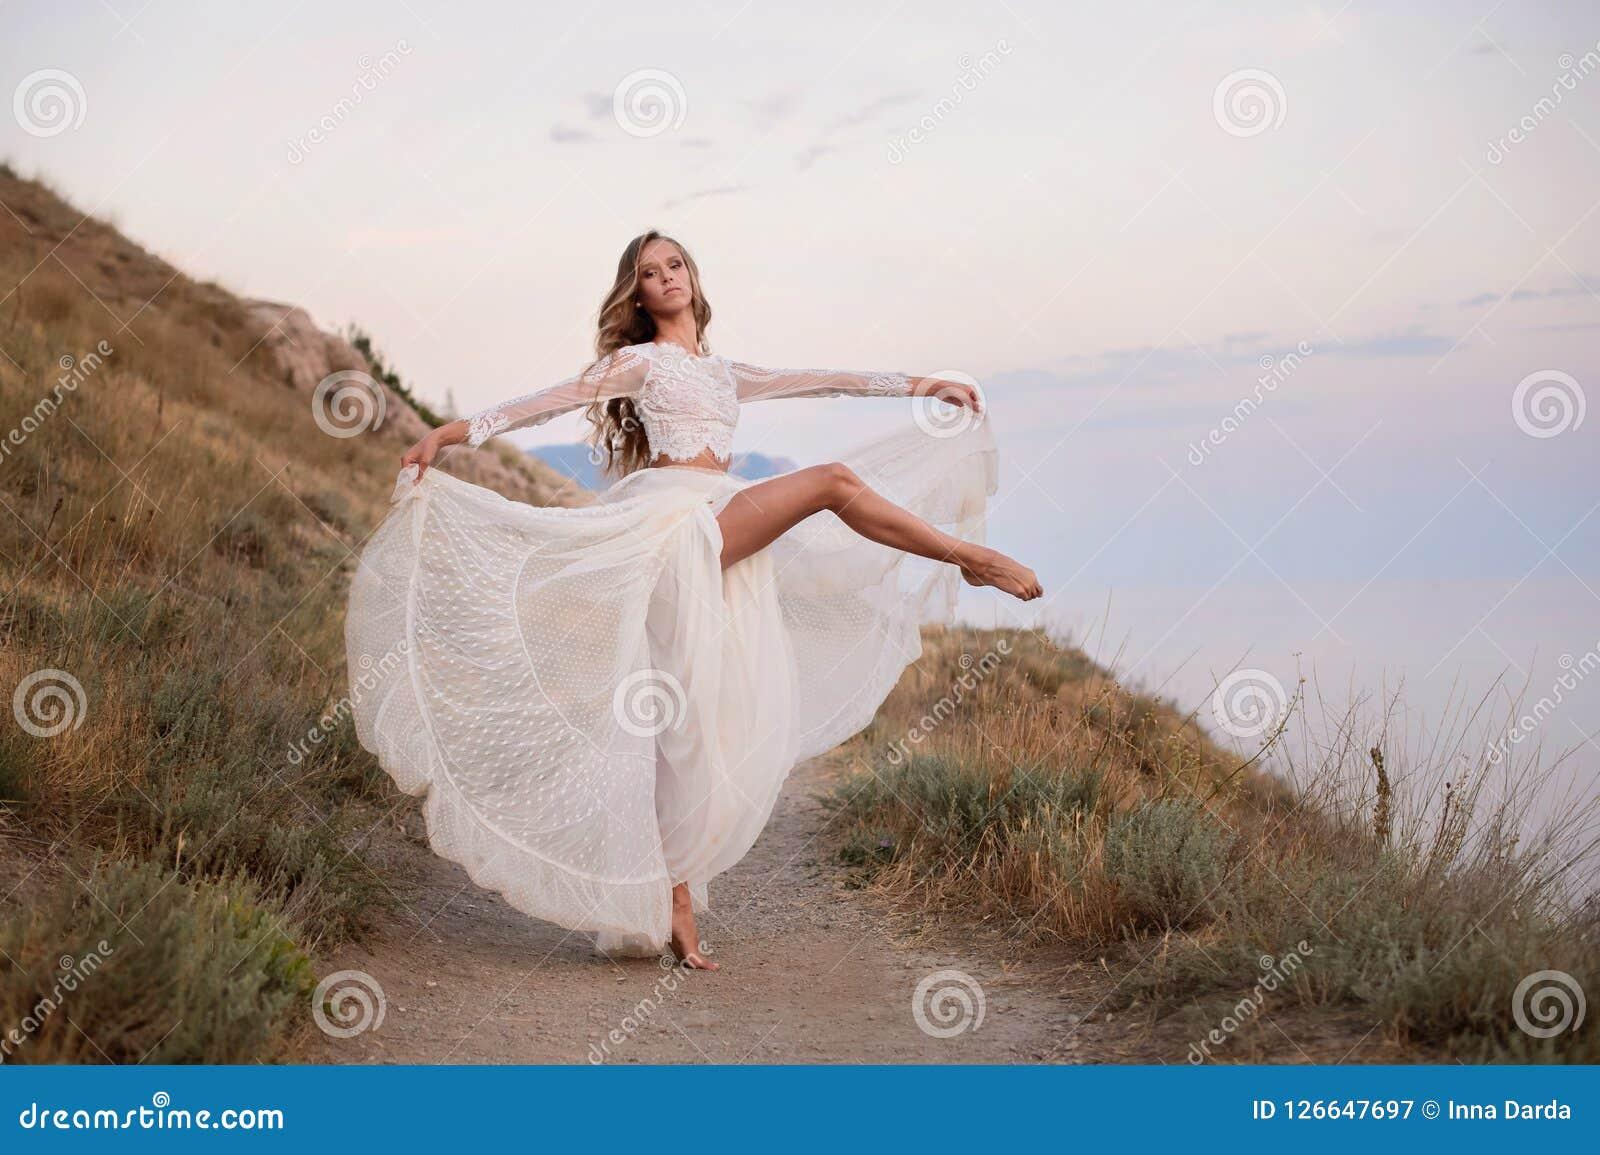 Elegant ballet dancer young girl dancing ballet outdoor